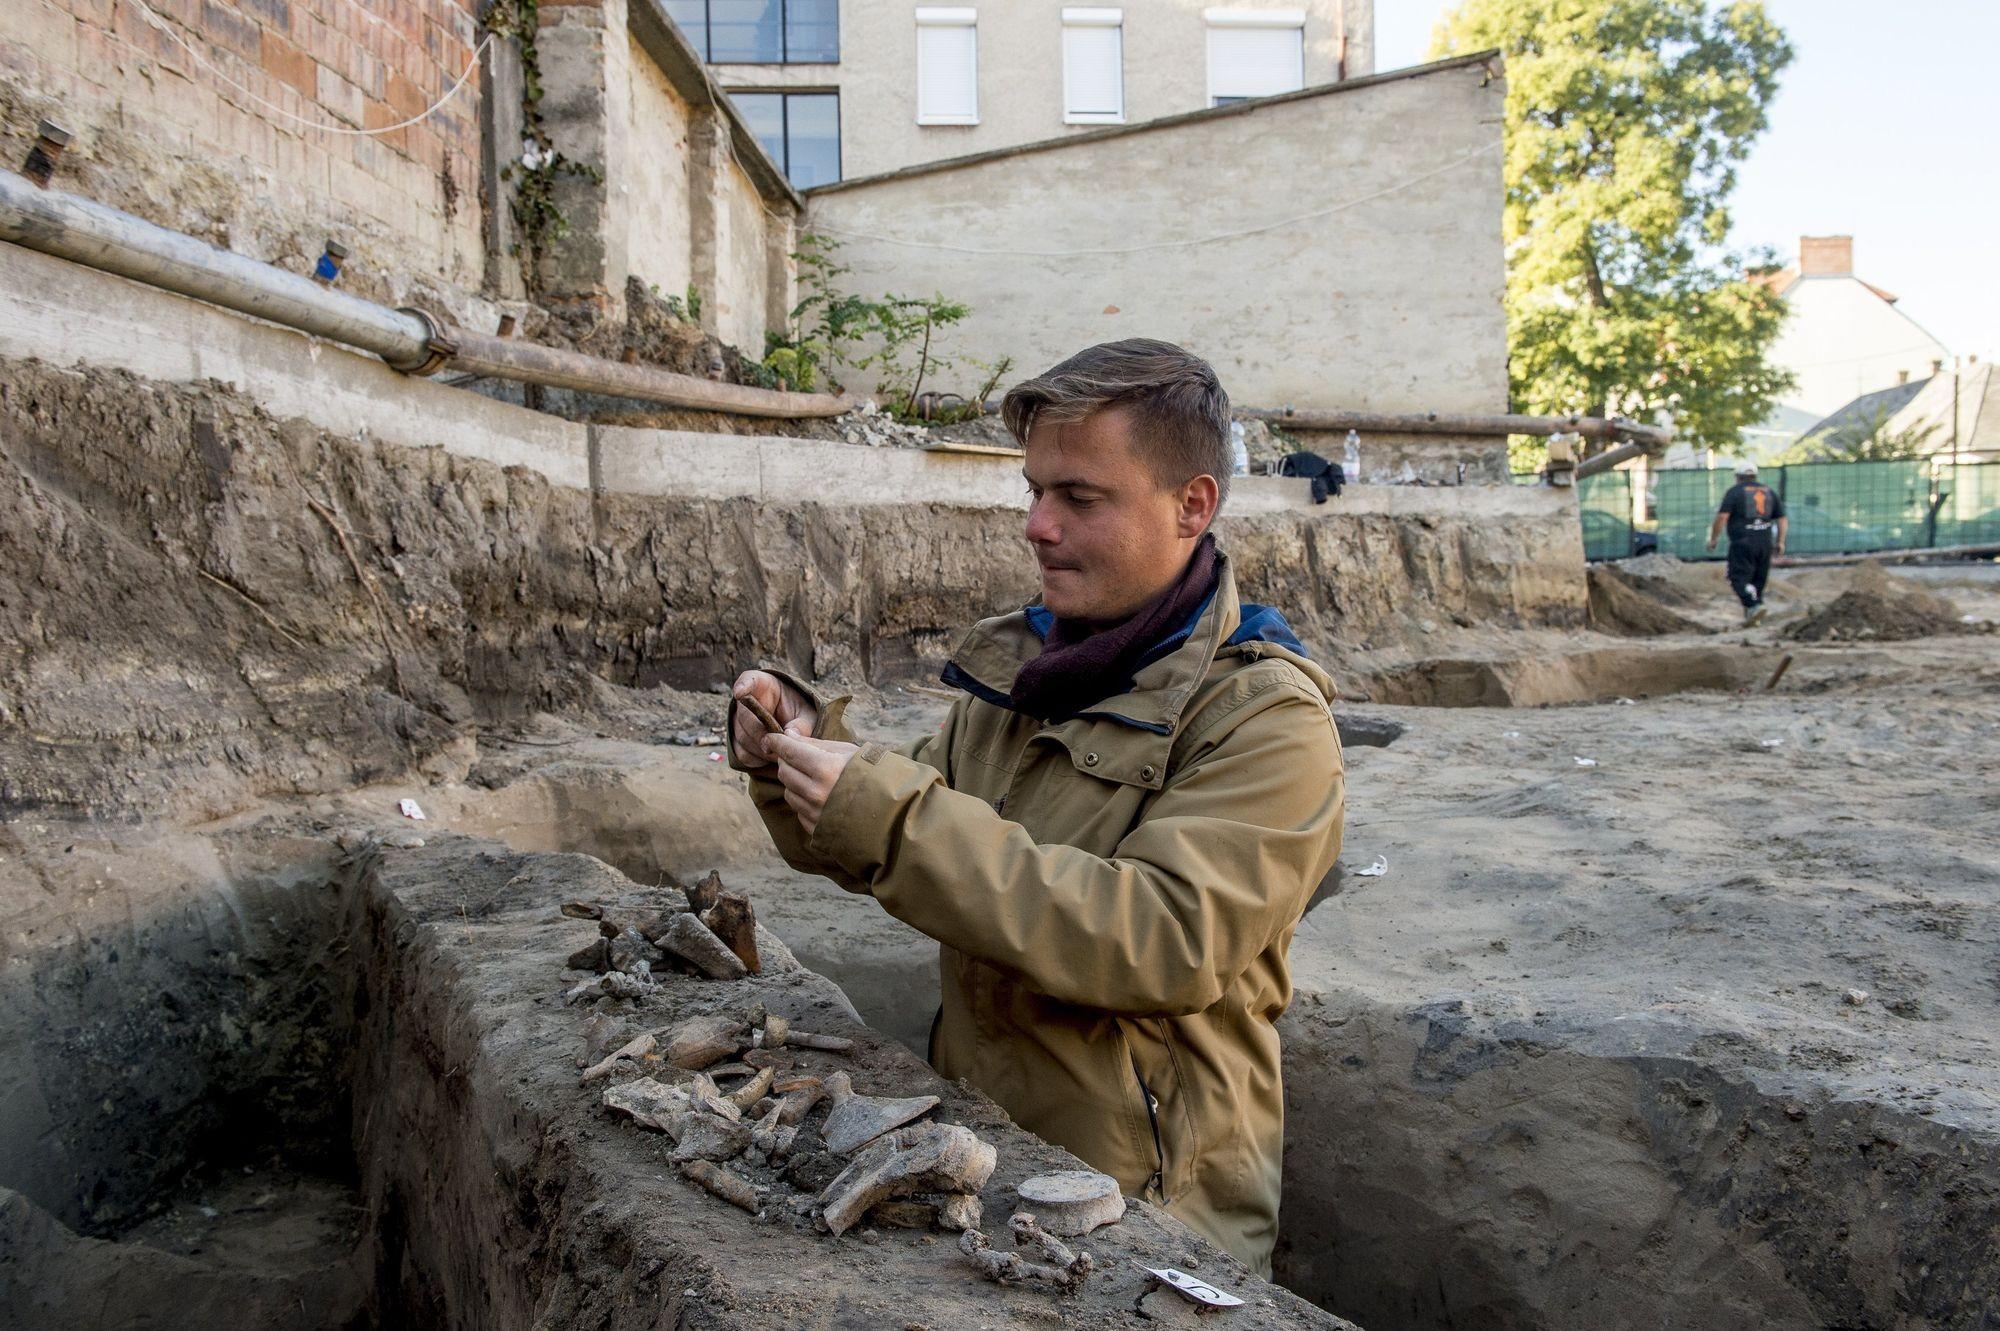 Középkori leletekre bukkantak egy kecskeméti feltáráson